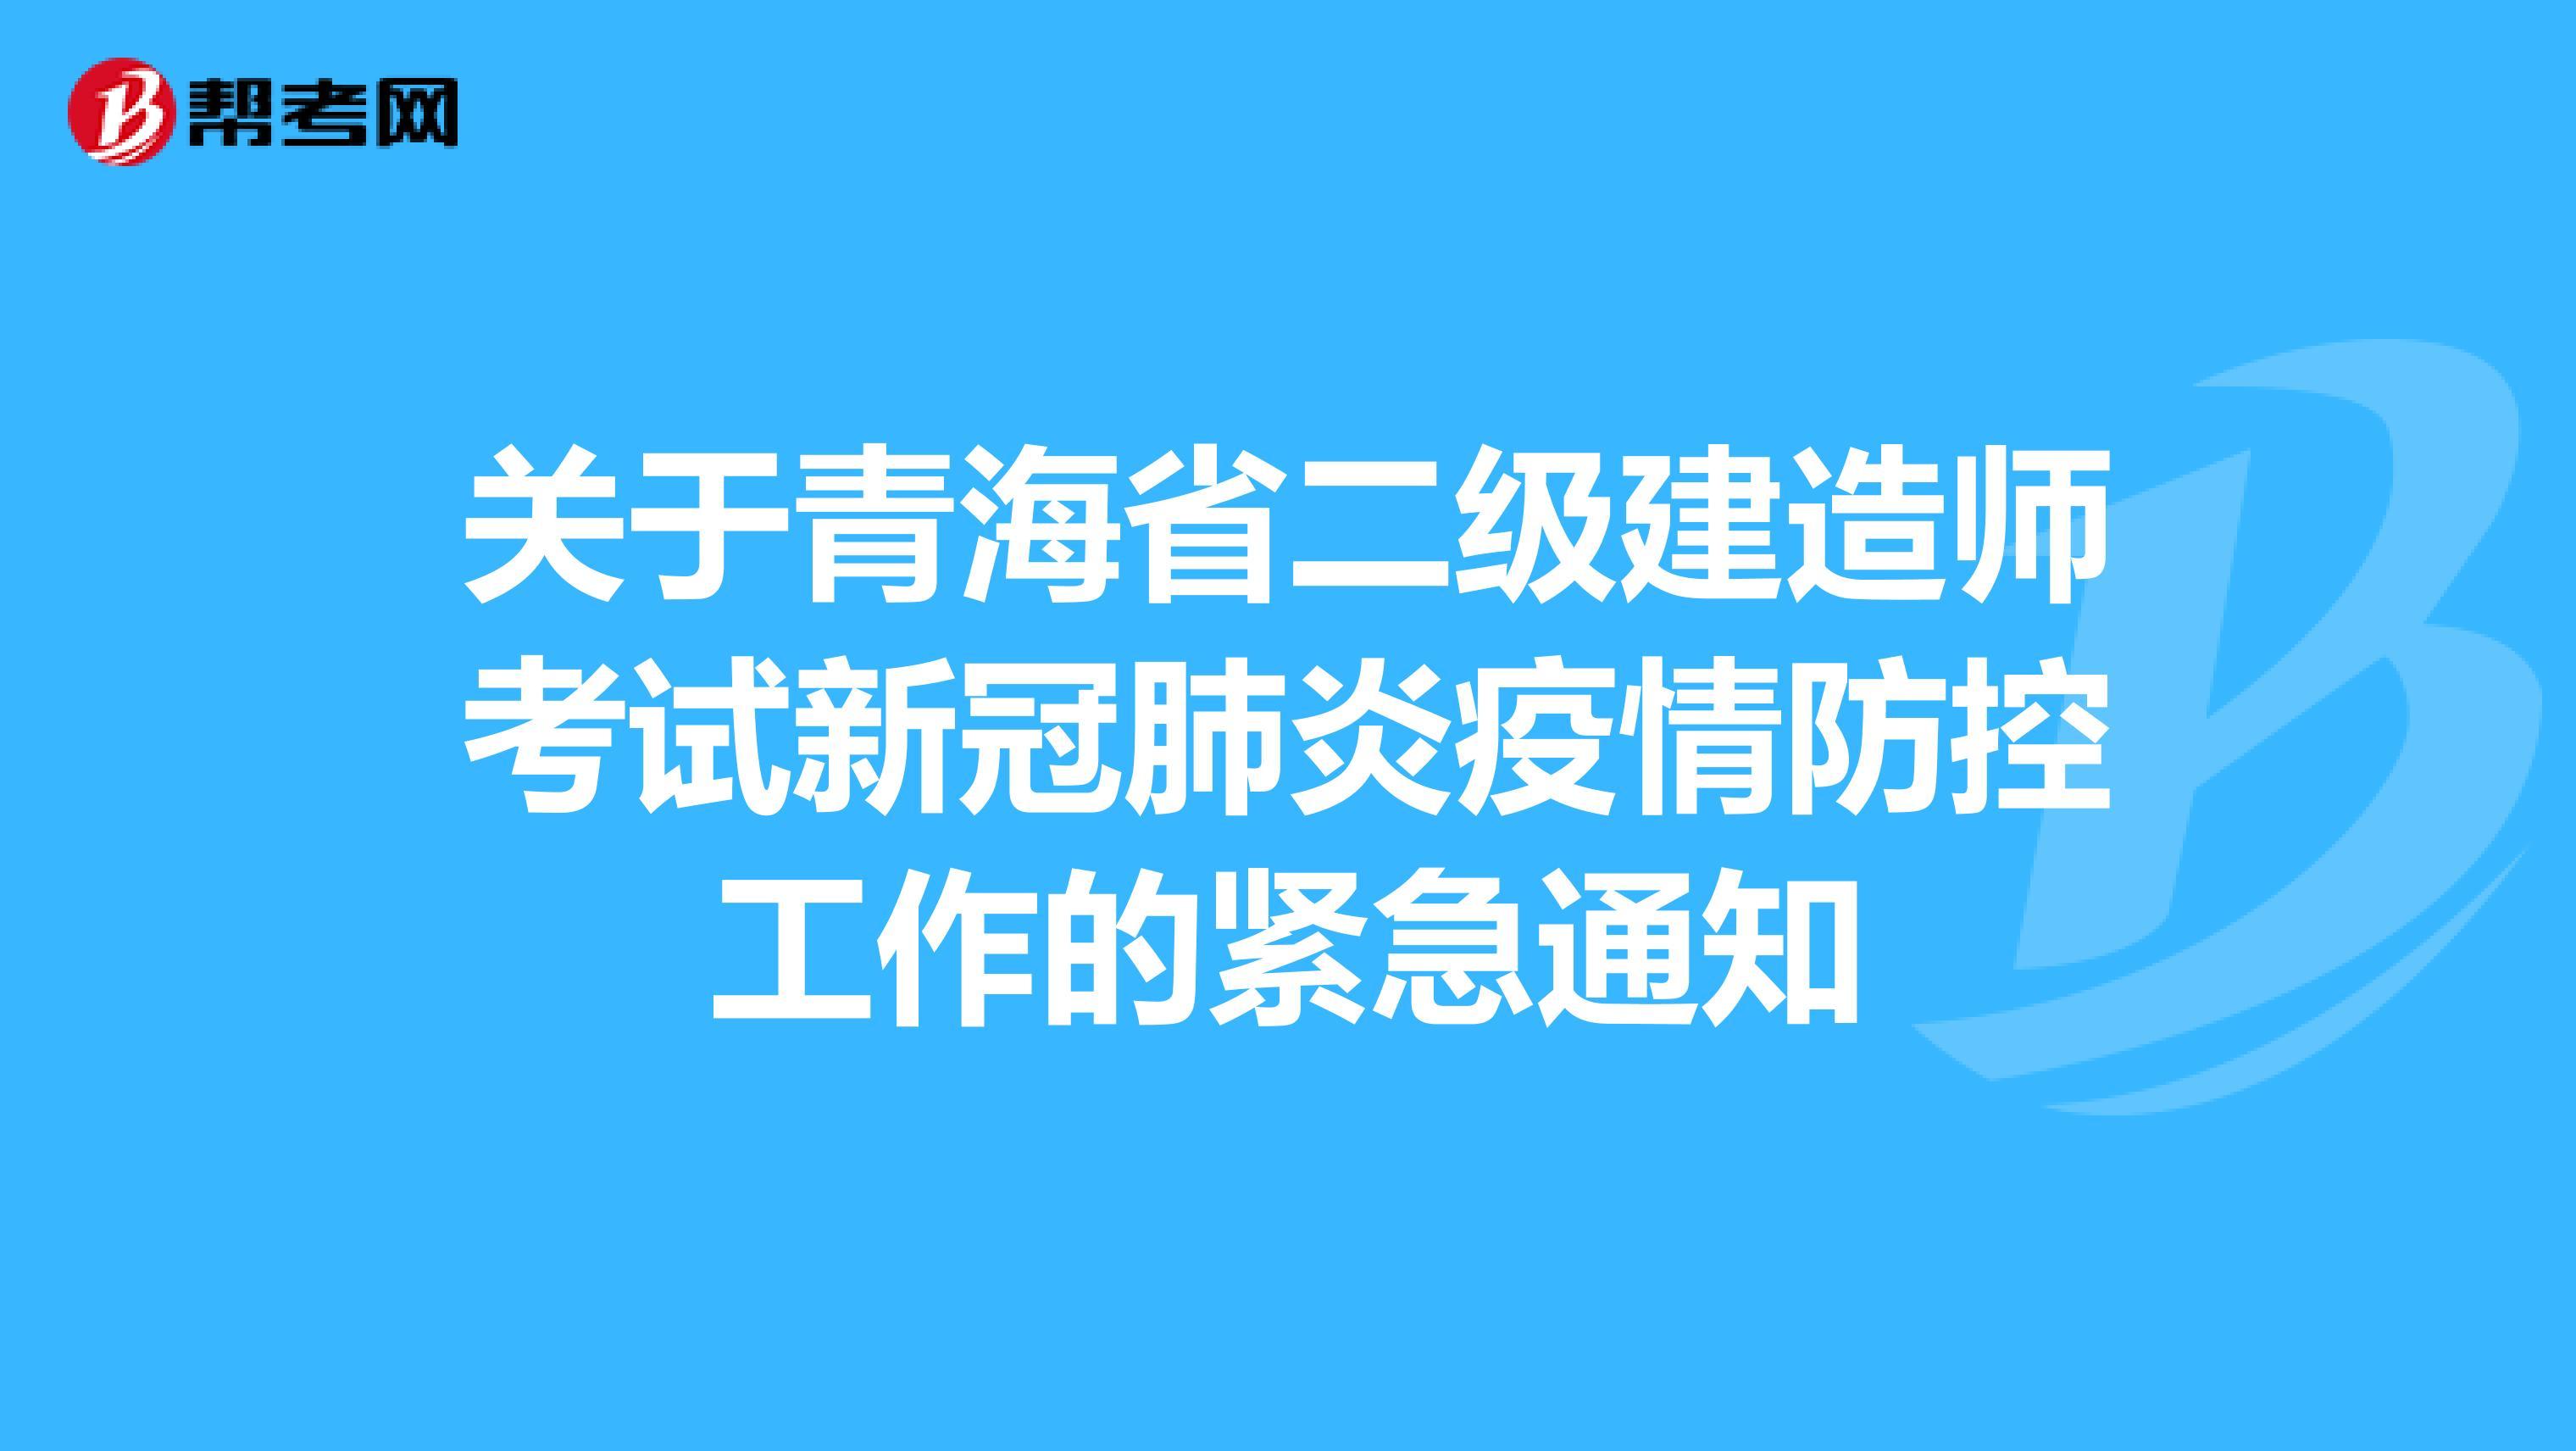 关于青海省(hot88体育官网)二级建造师考试新冠肺炎疫情防控工作的紧急通知